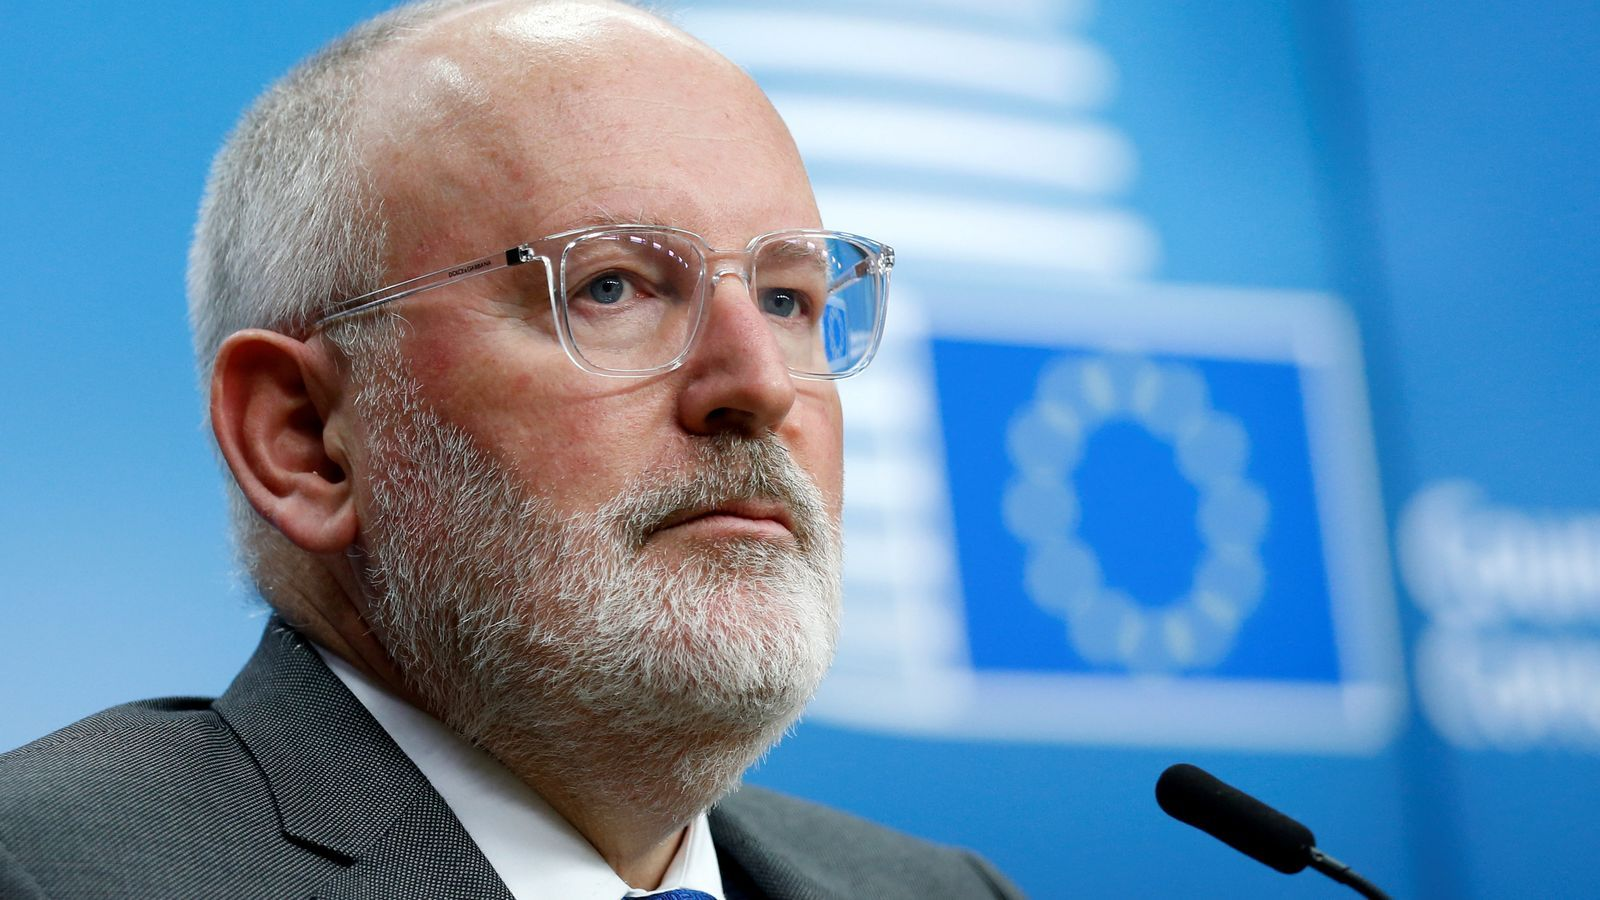 La UE afirma que no té raons per dubtar que els presos polítics tindran un judici just a Espanya